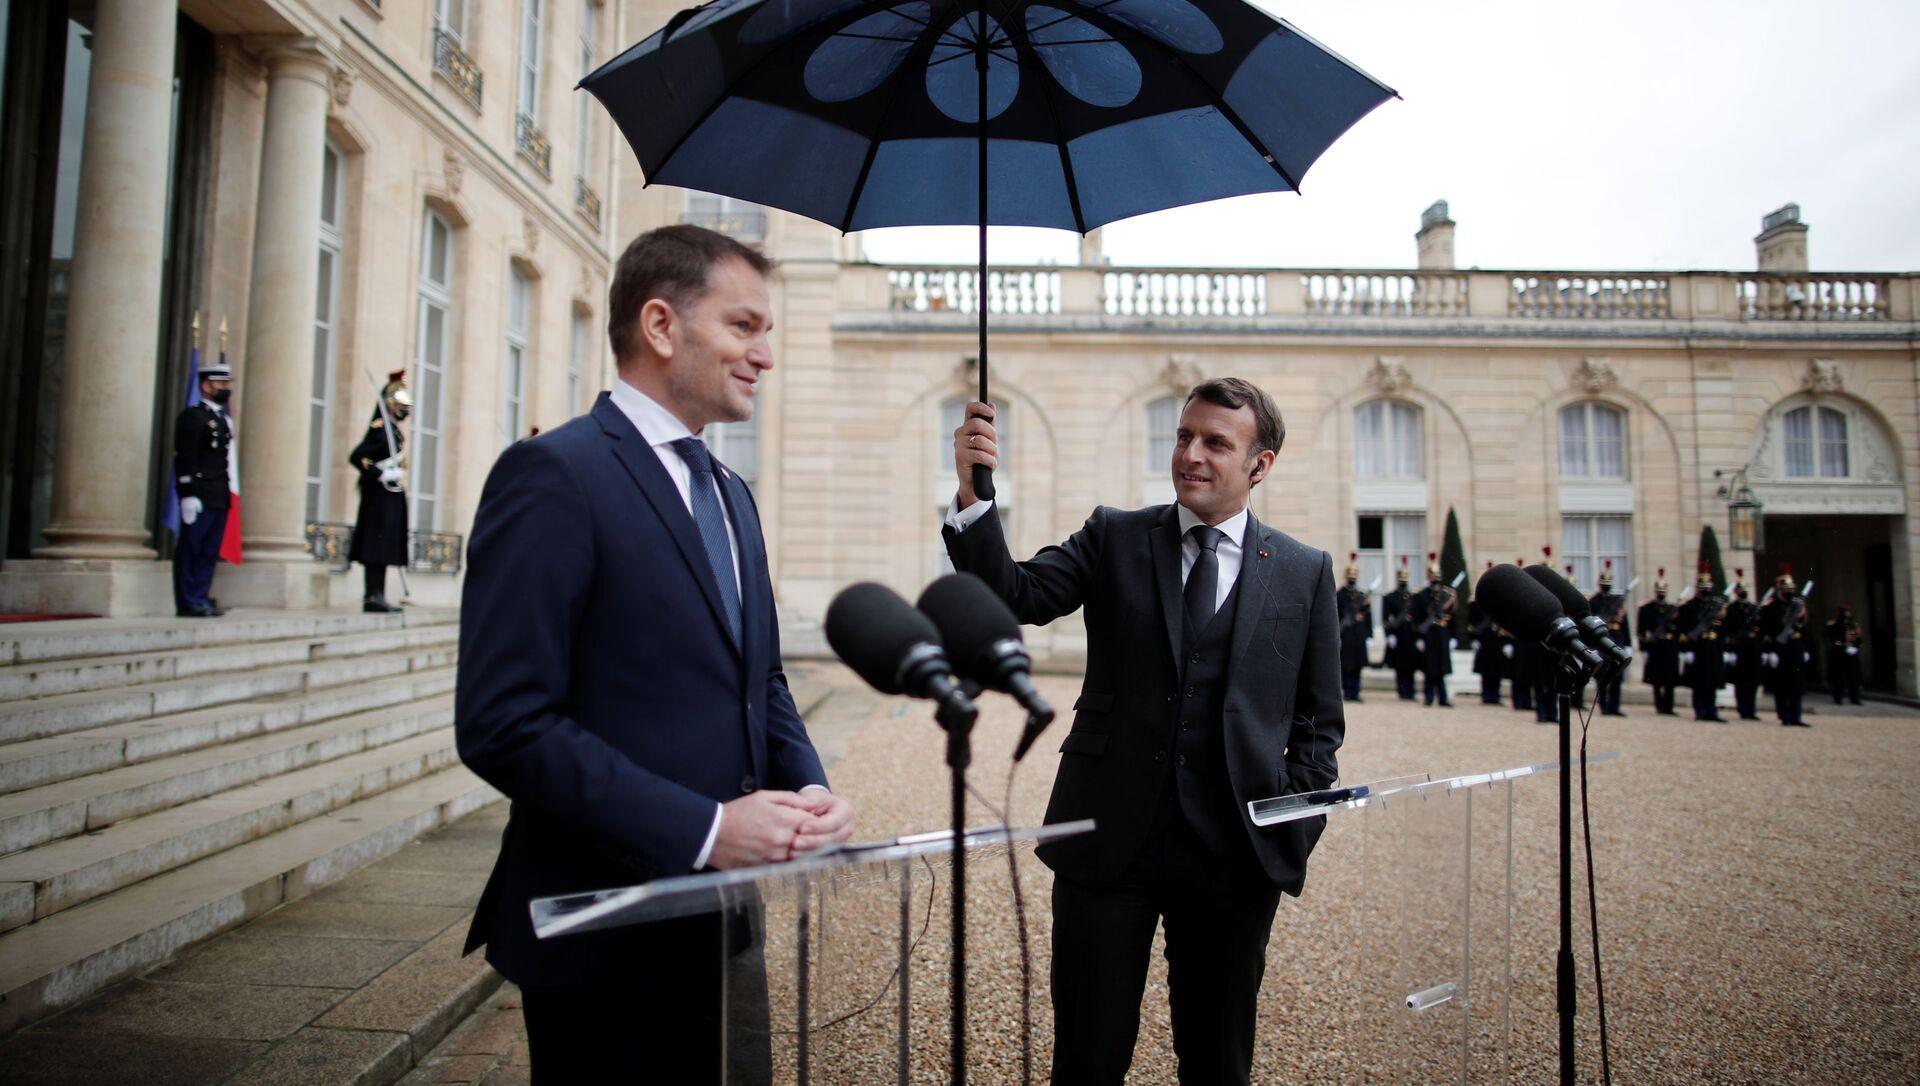 Francouzský prezident Emmanuel Macron drží deštník vedle slovenského premiéra Igora Matoviče během společného prohlášení v Elysejském paláci v Paříži - Sputnik Česká republika, 1920, 09.02.2021